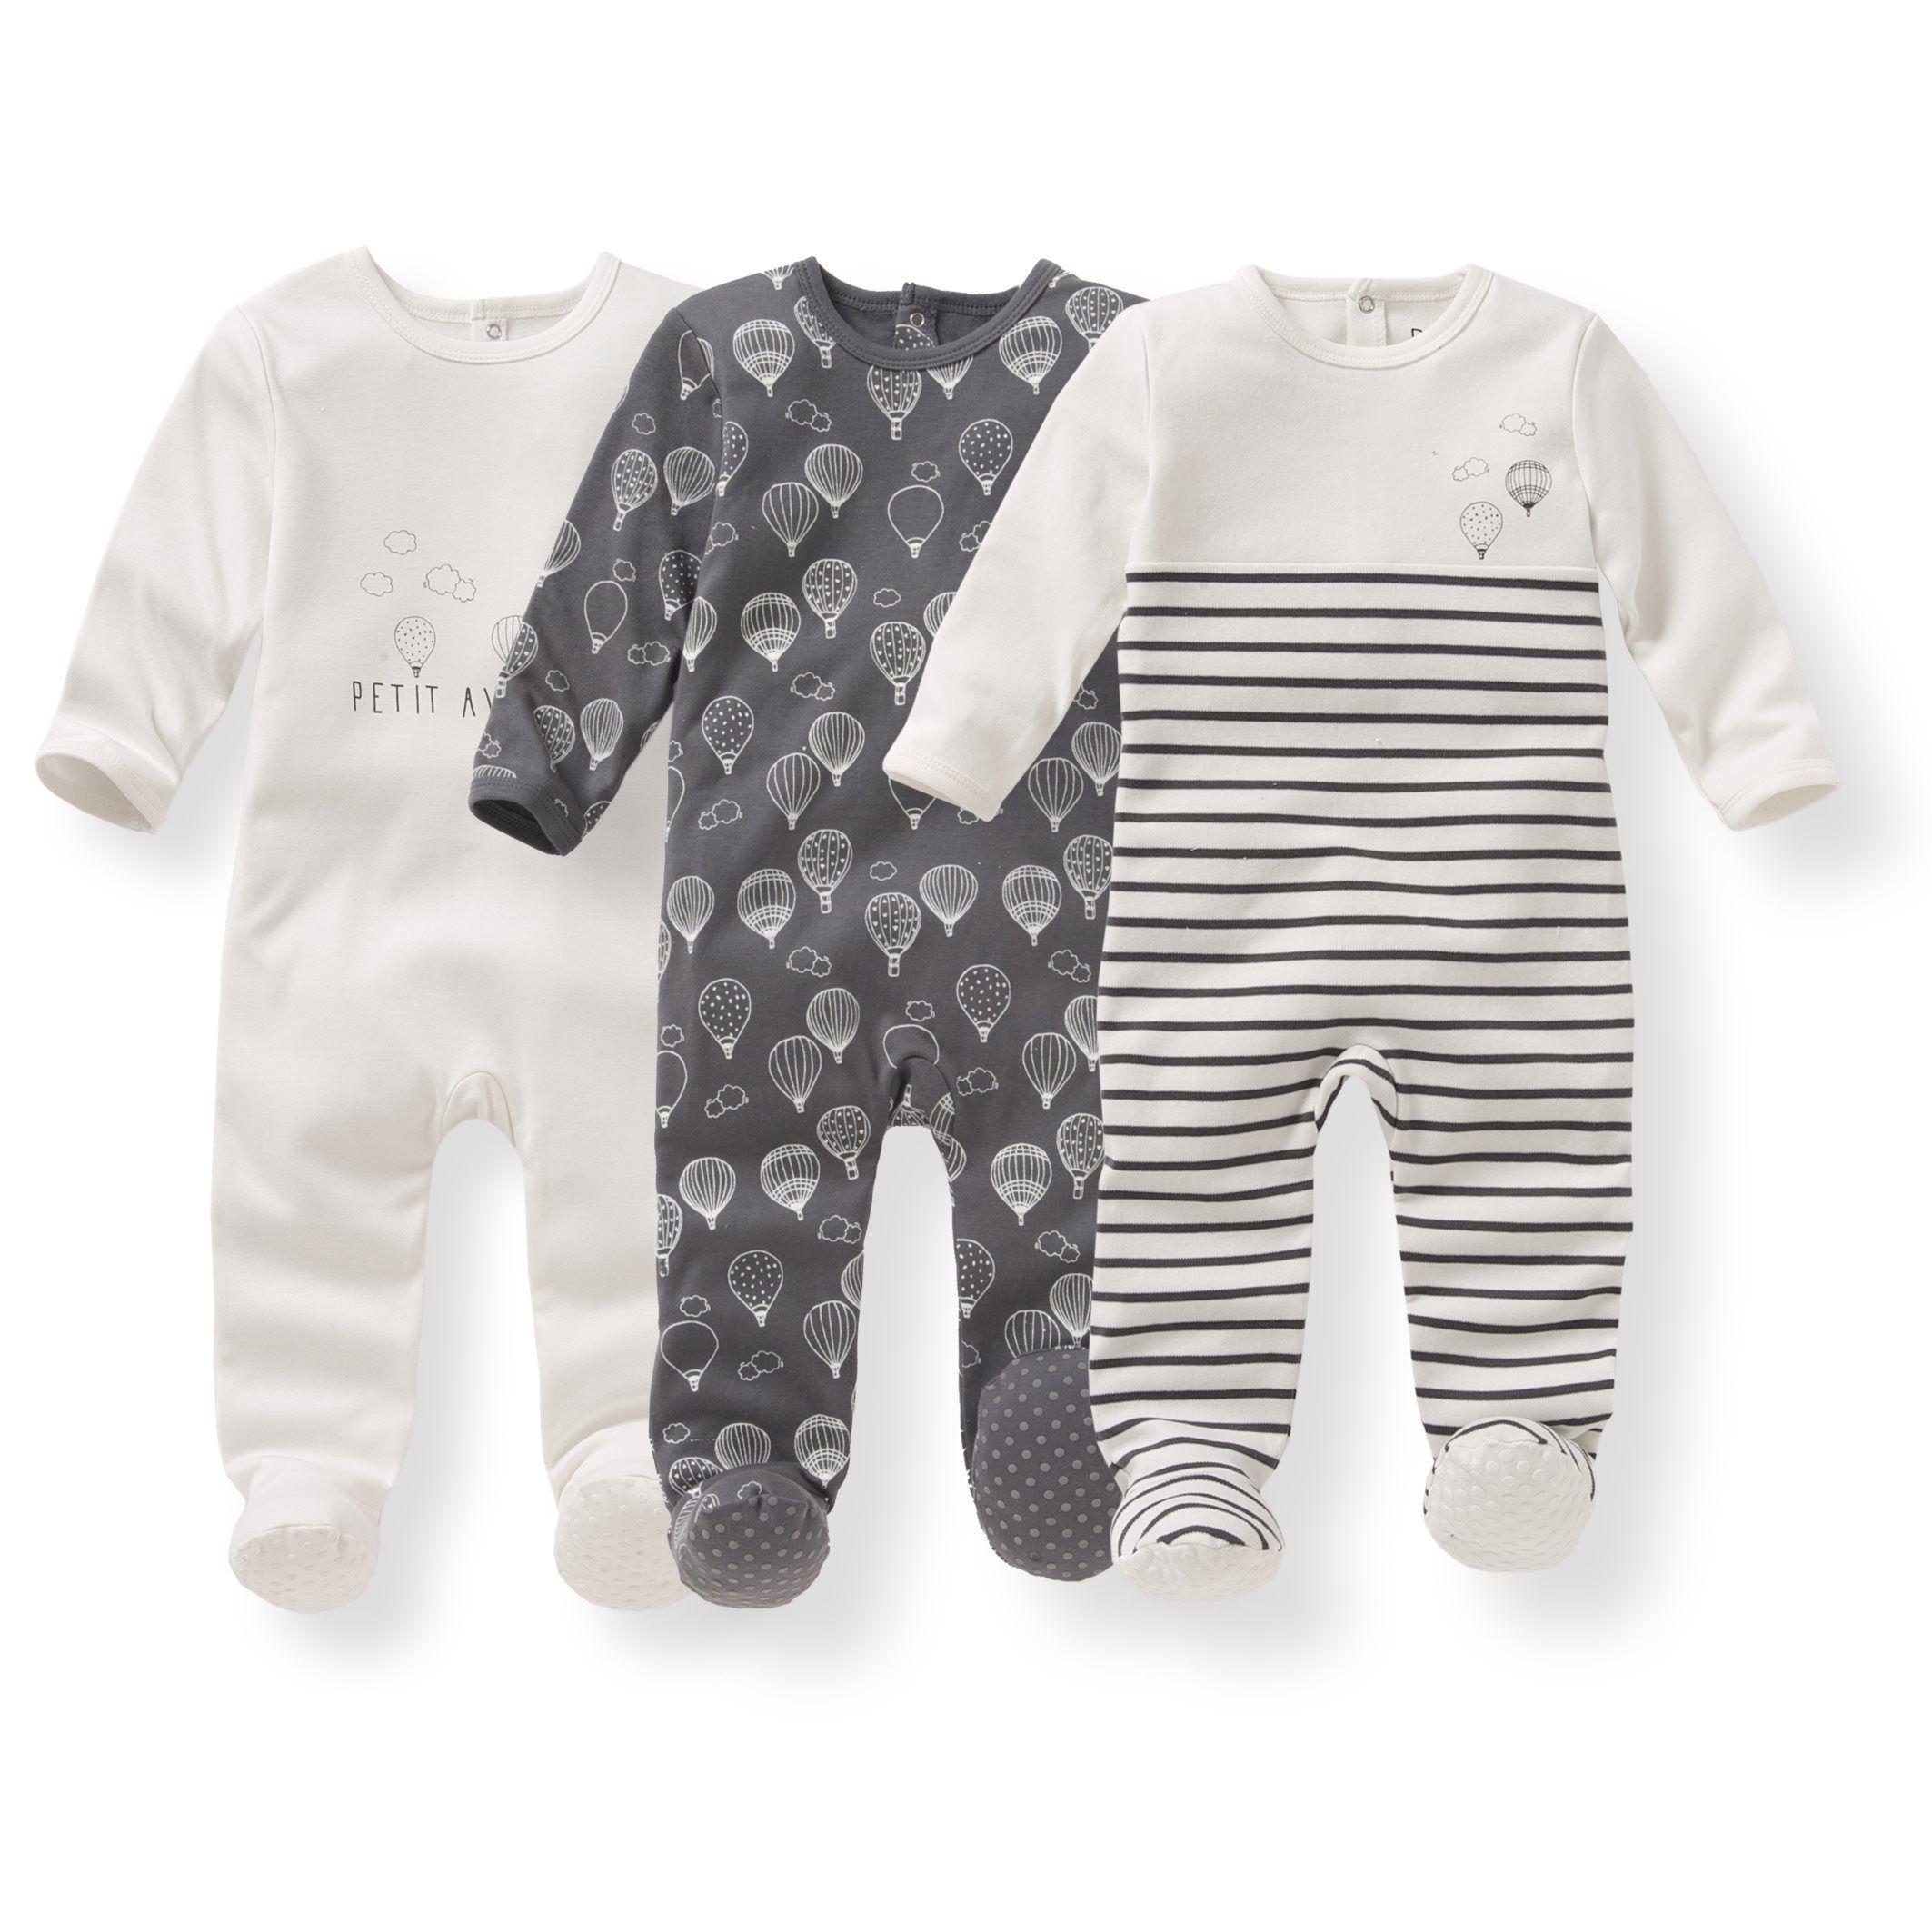 60c80b738cb145 Pyjama coton imprimé 0 mois-3 ans (lot de 3) R Édition gris anthracite +  rayé + imprimé | La Redoute